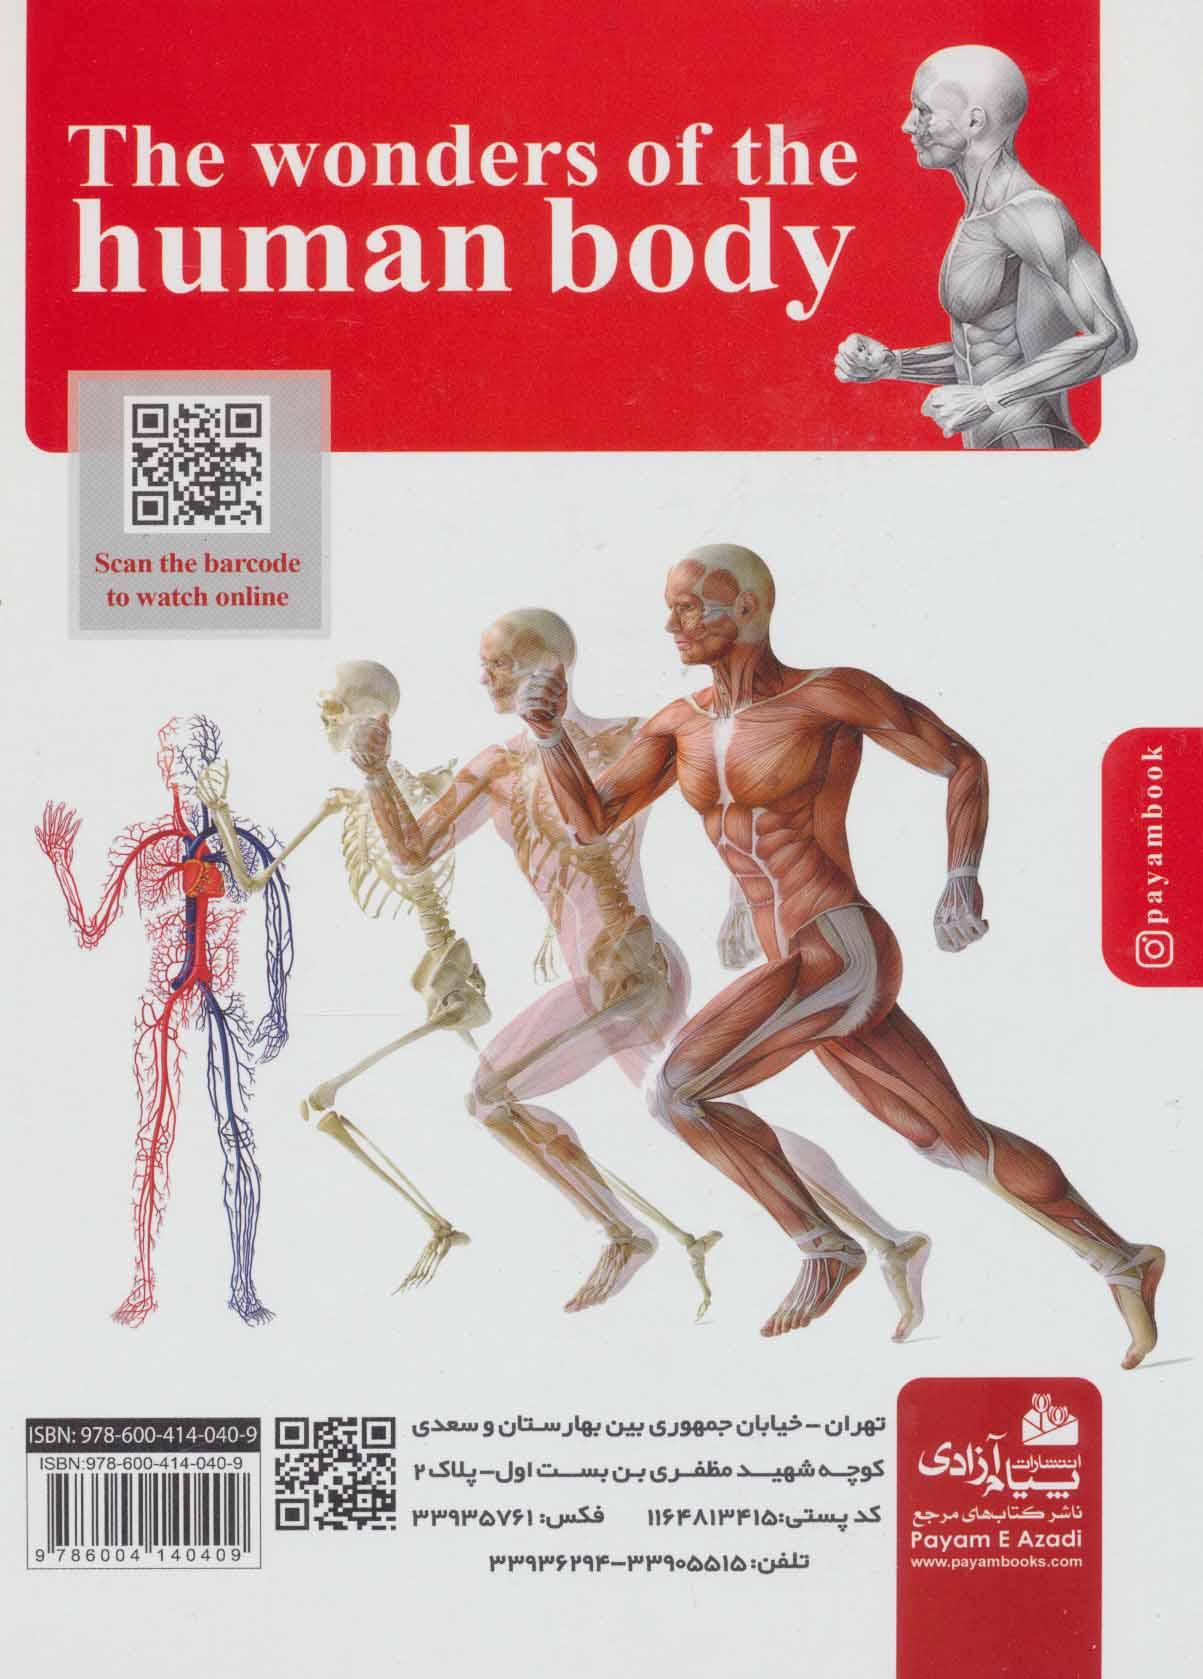 شگفتی های بدن انسان